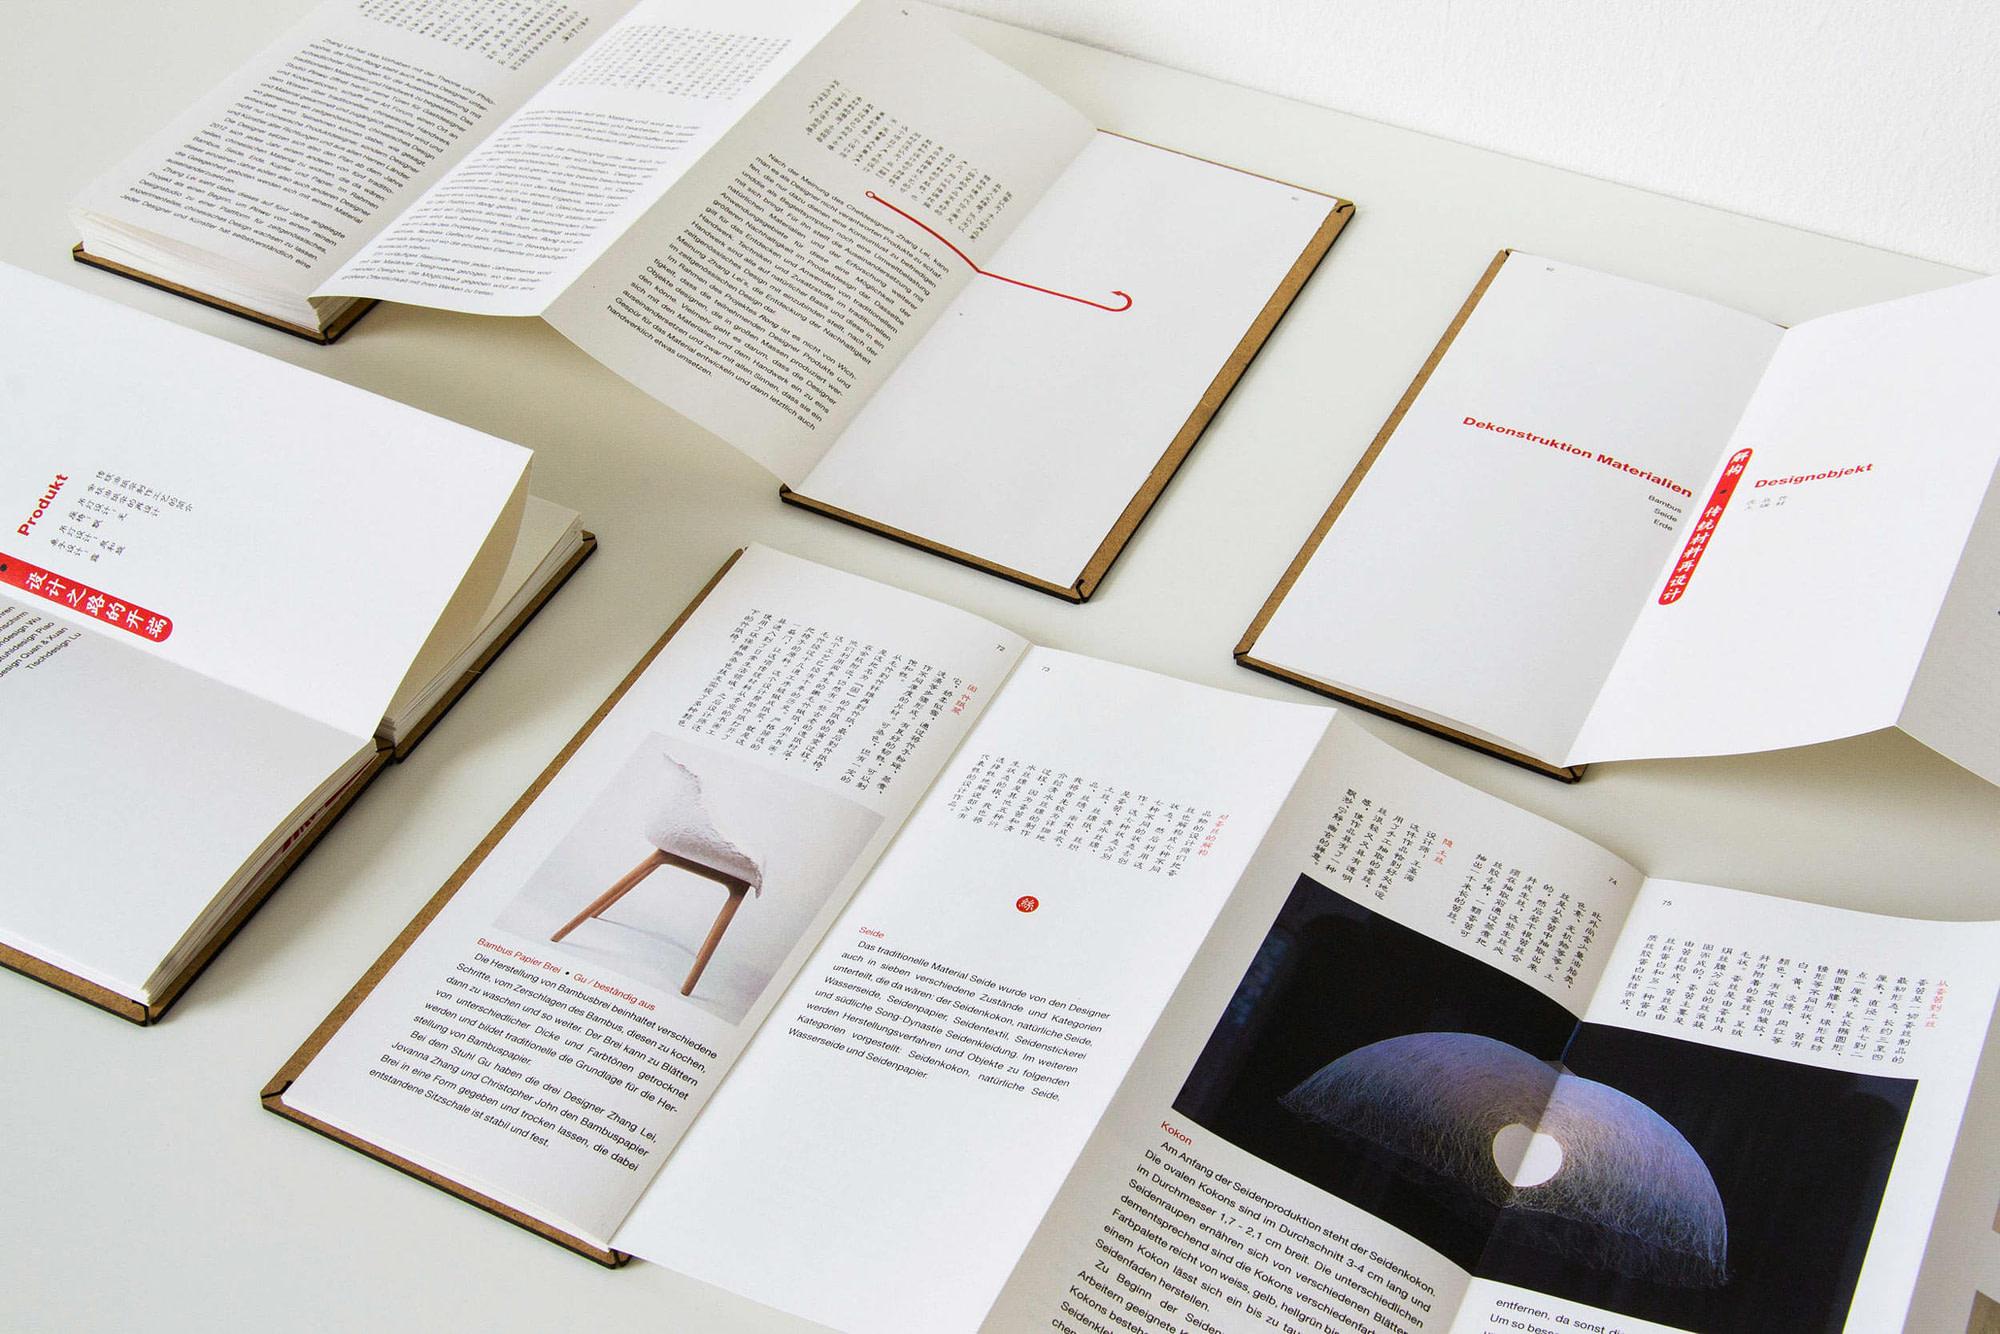 RONG – Redesign of Leporello 7